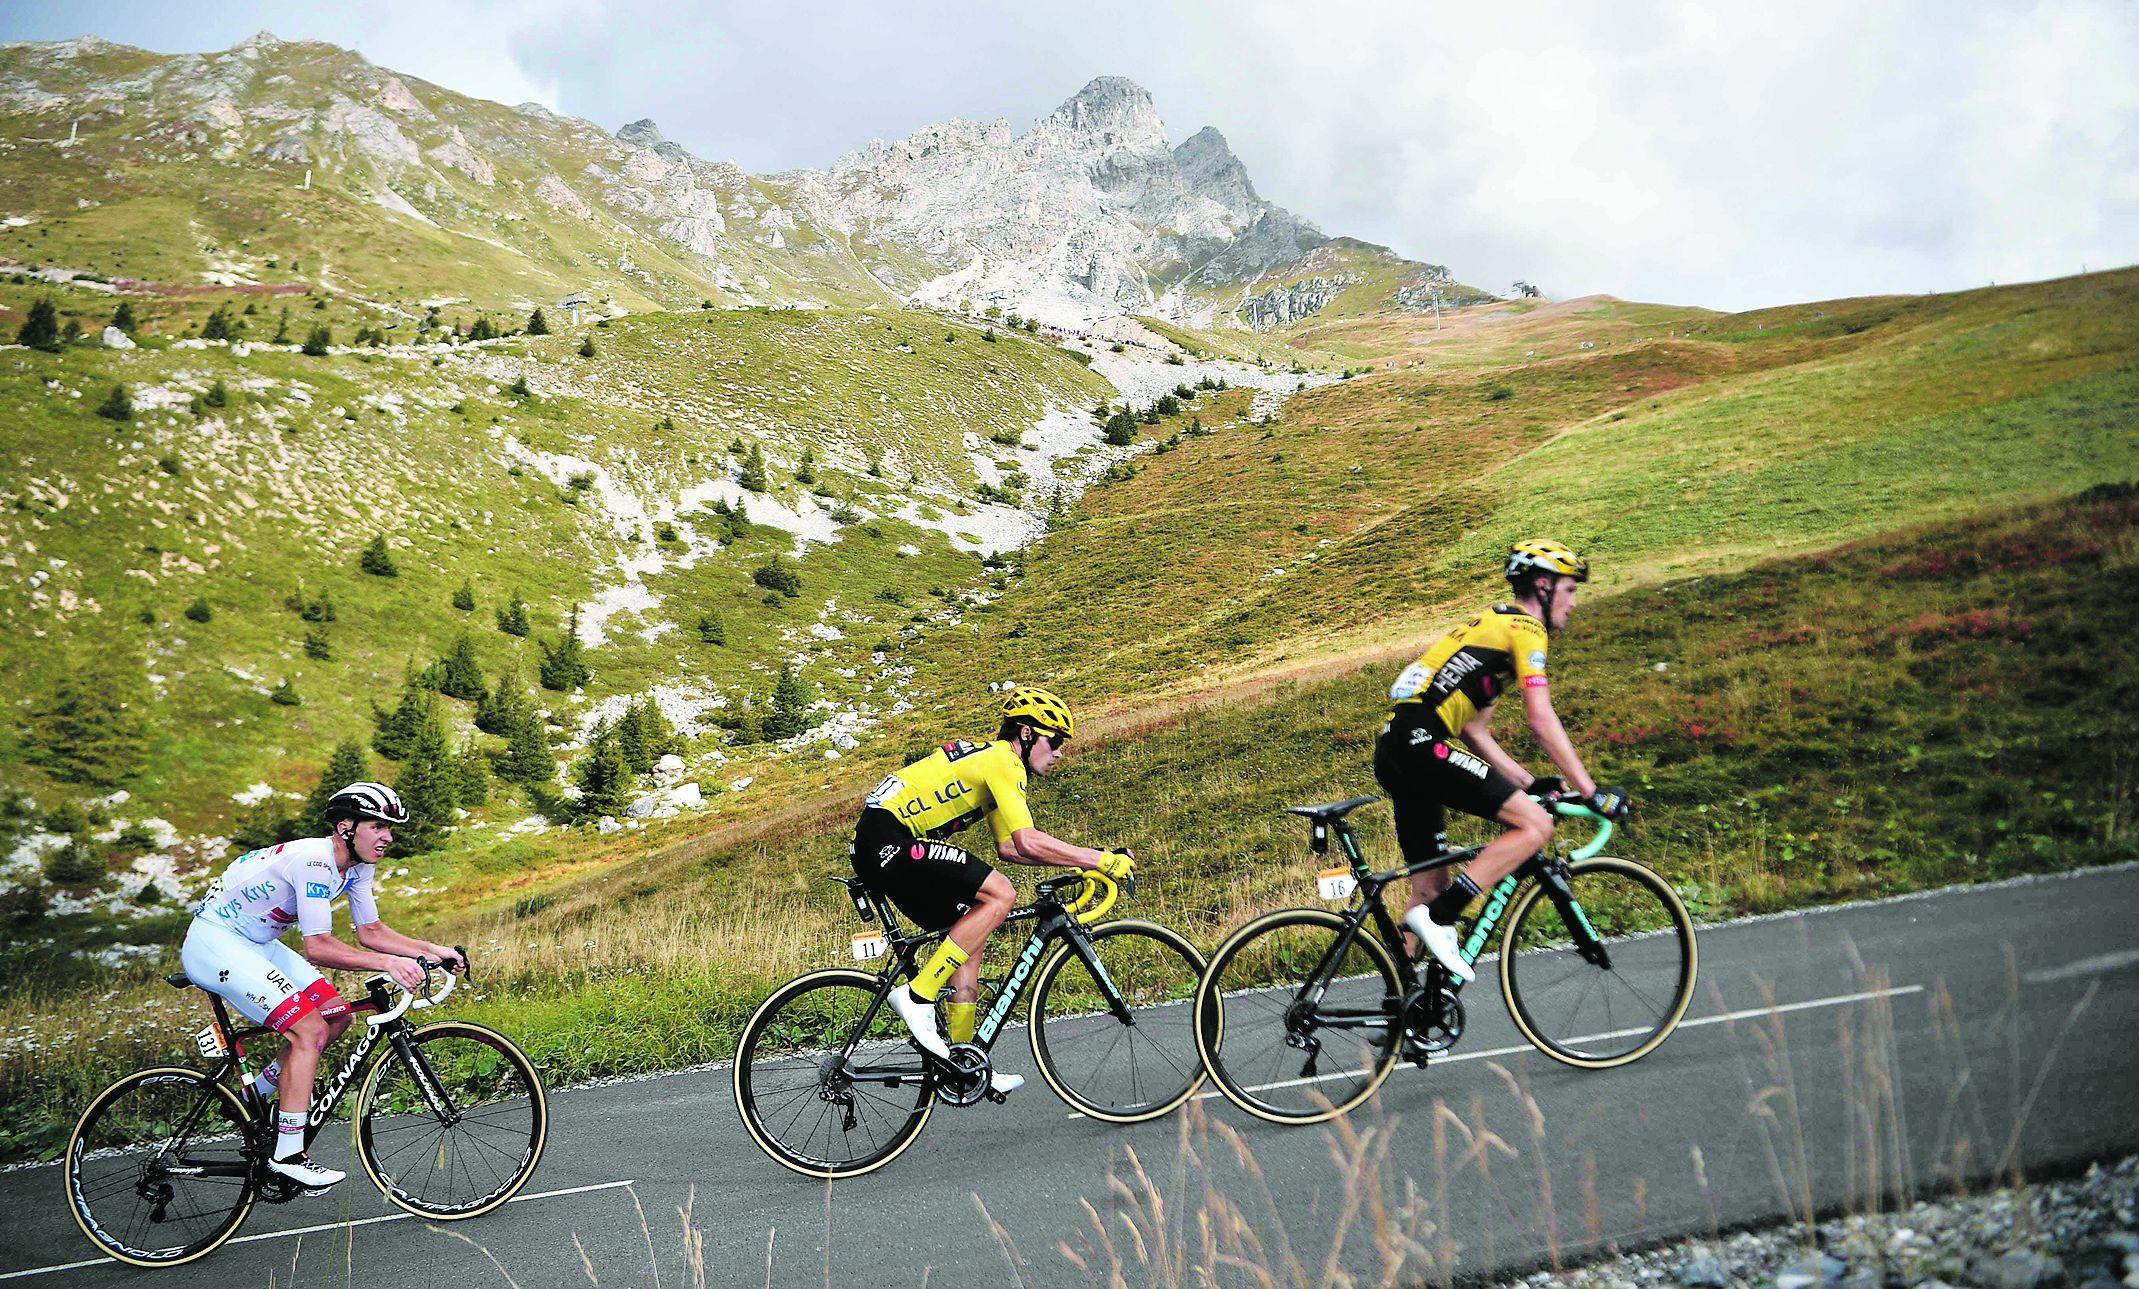 Cyclisme - Tour de France - Tour de France: Primoz Roglic a fait le plus dur